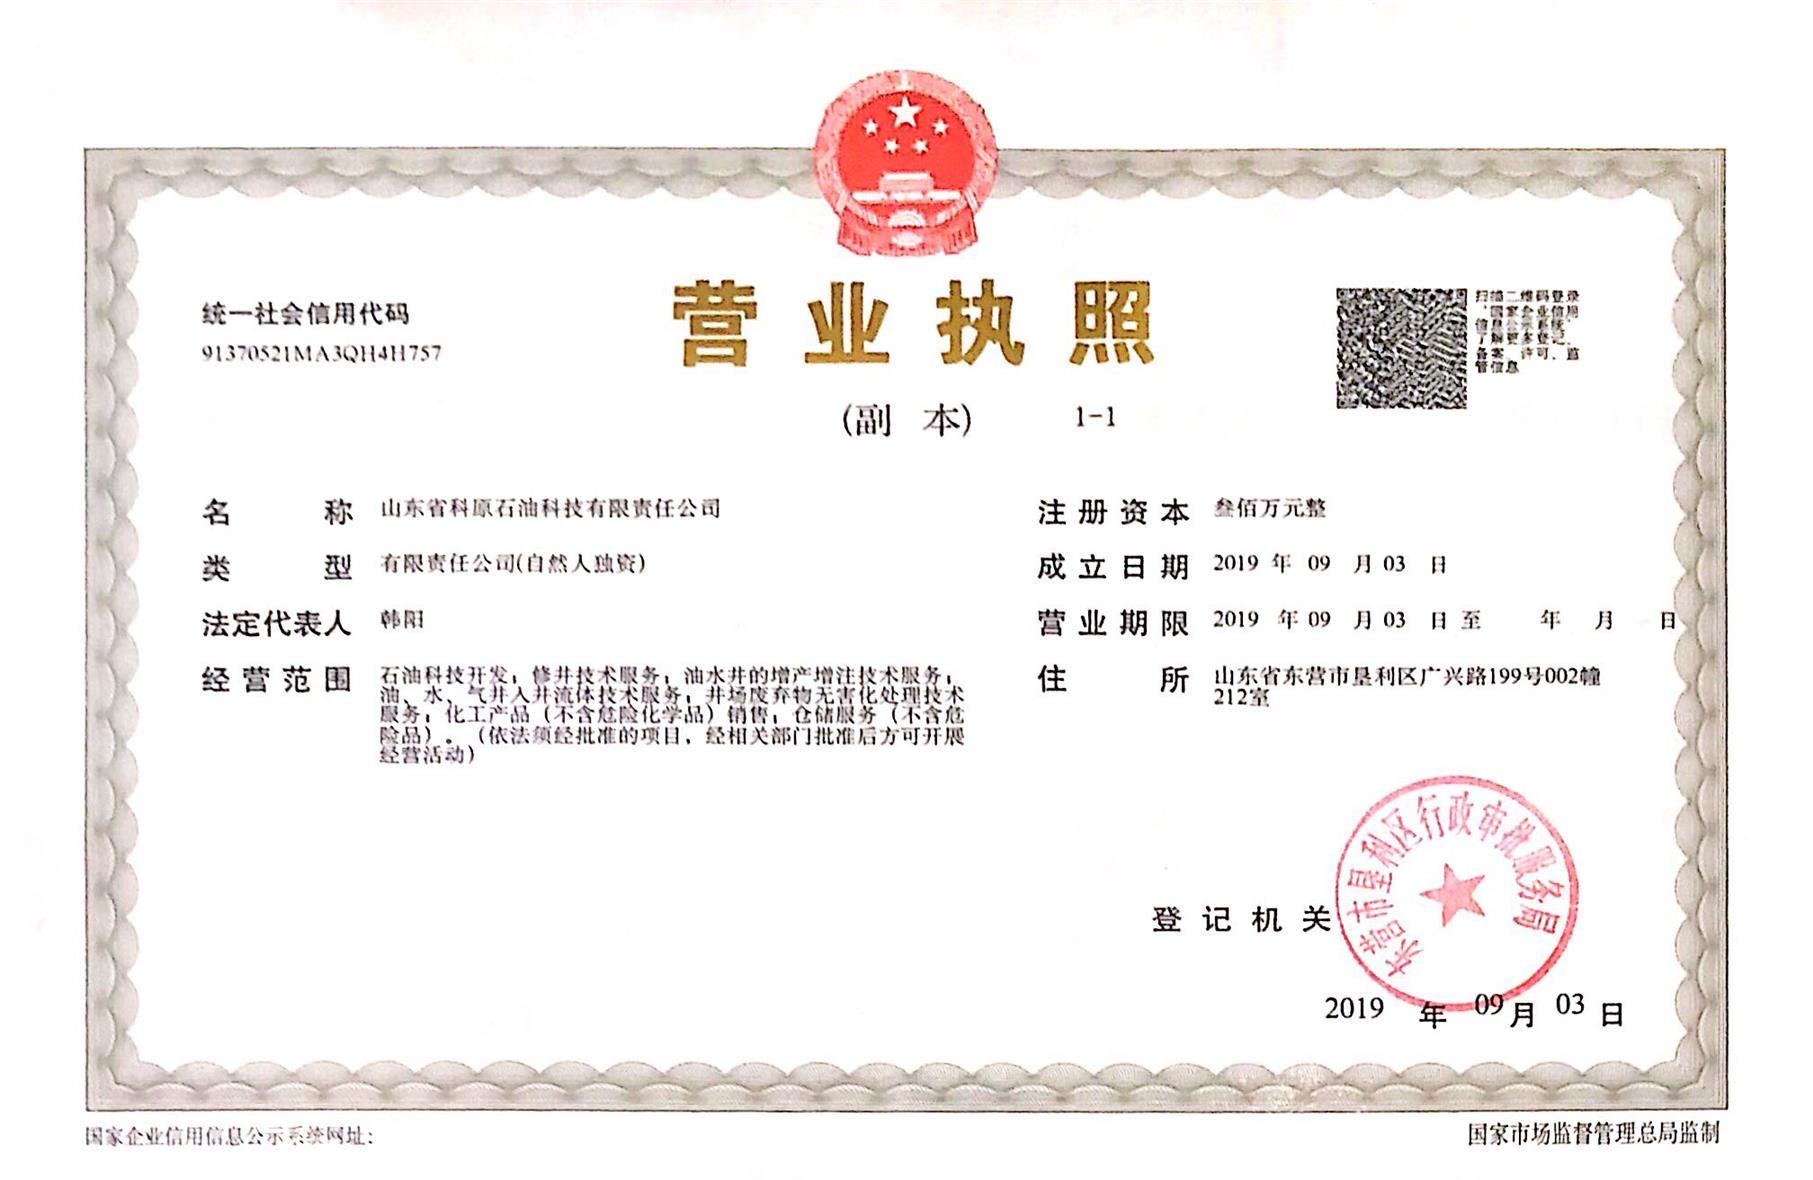 郑州聚合醇润滑剂 点击索取资料